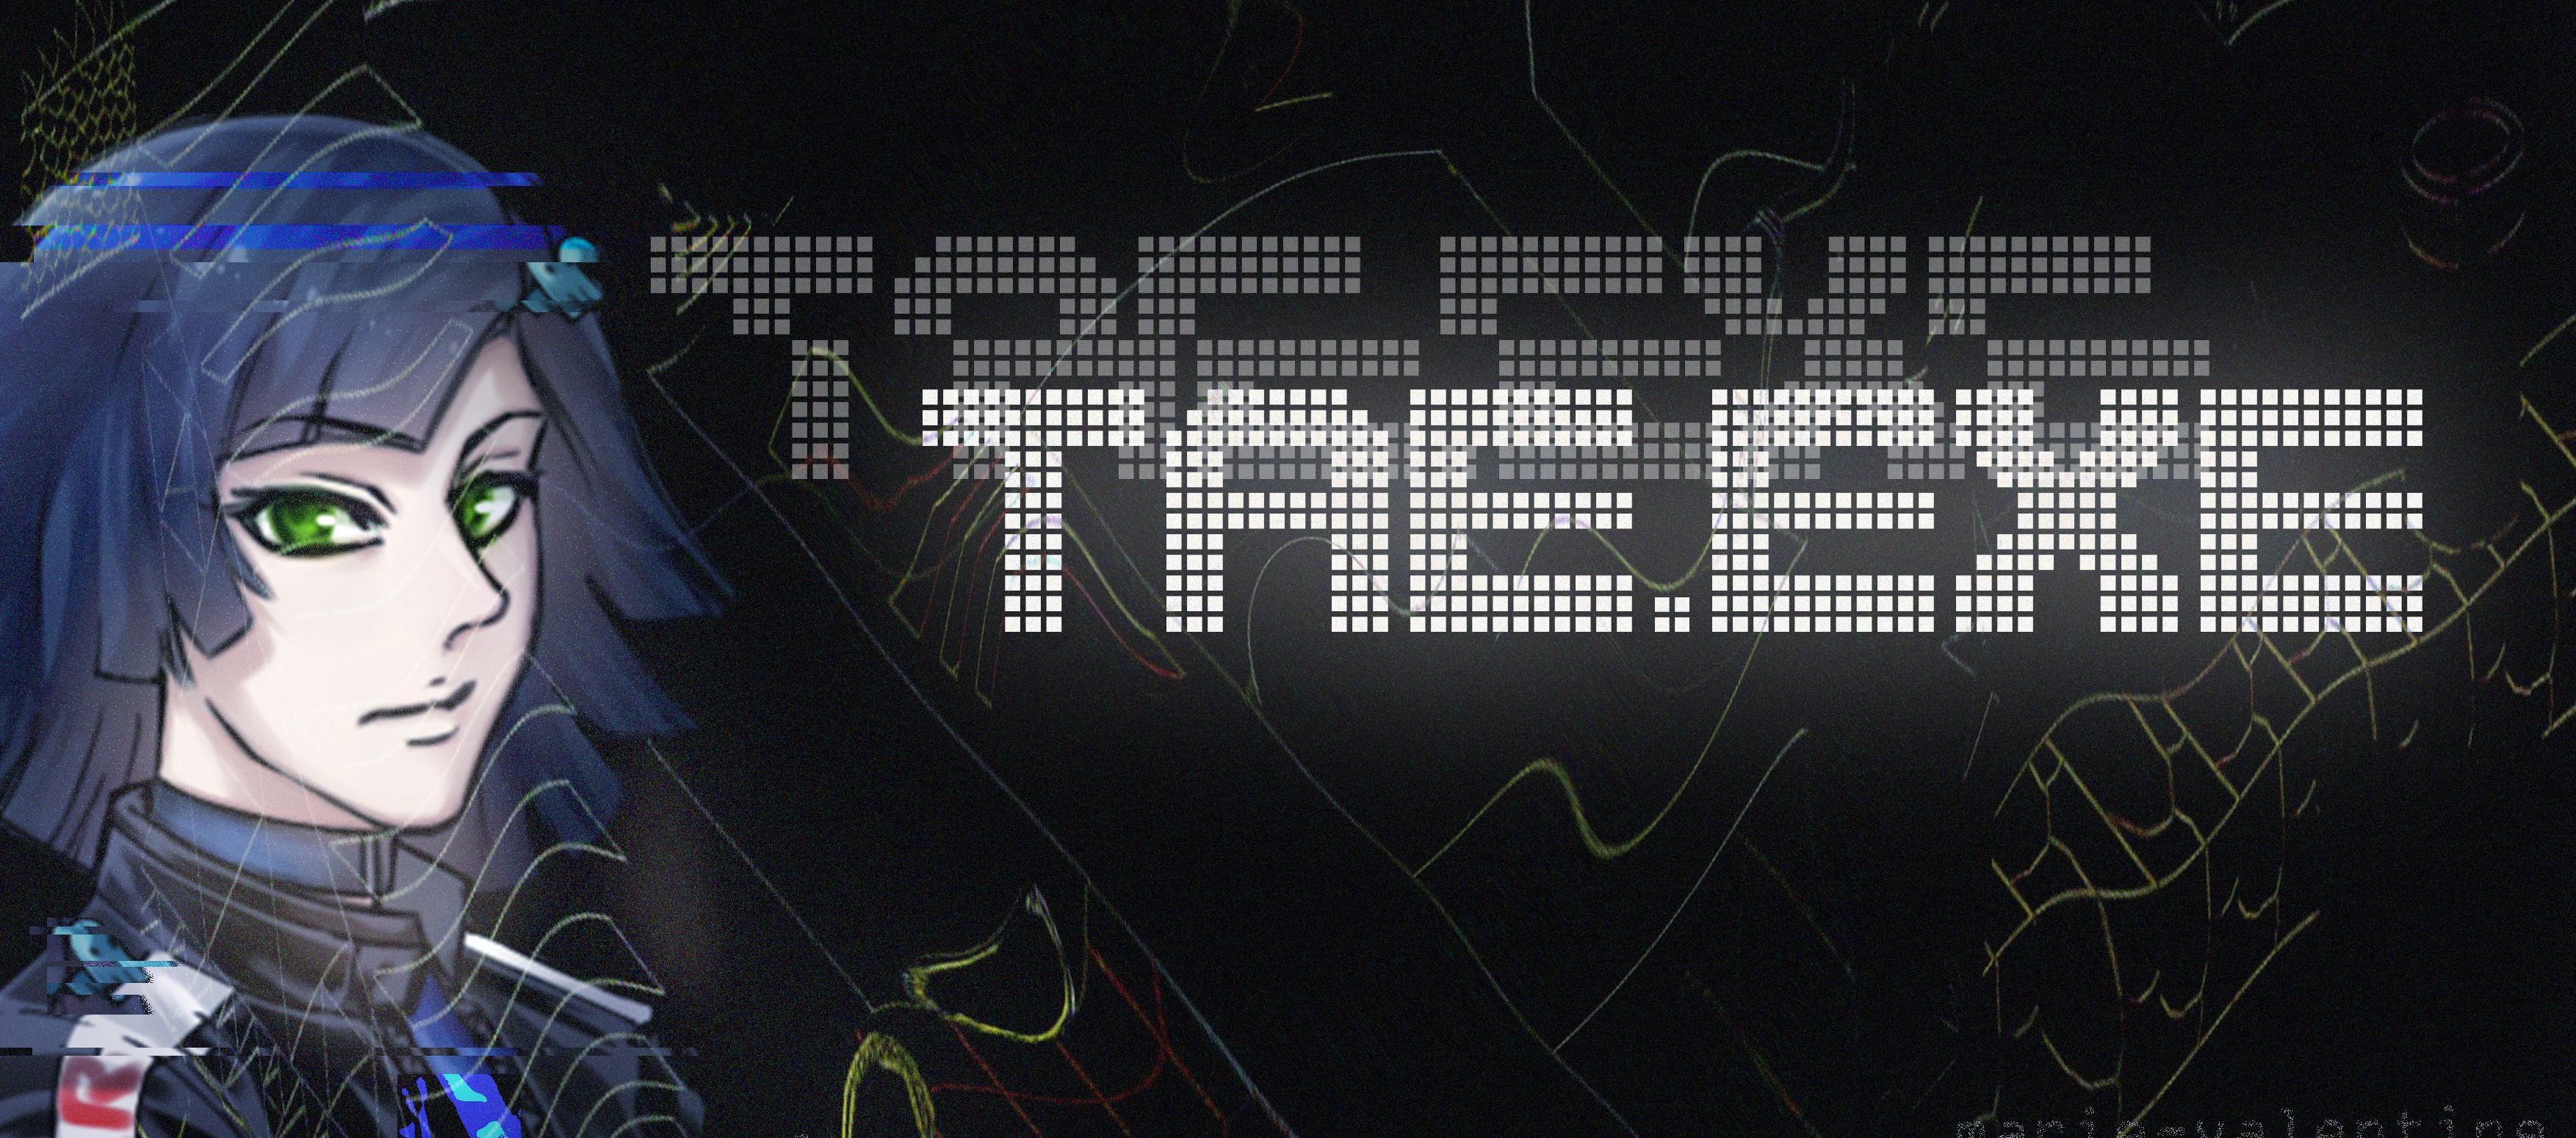 Tae.exe